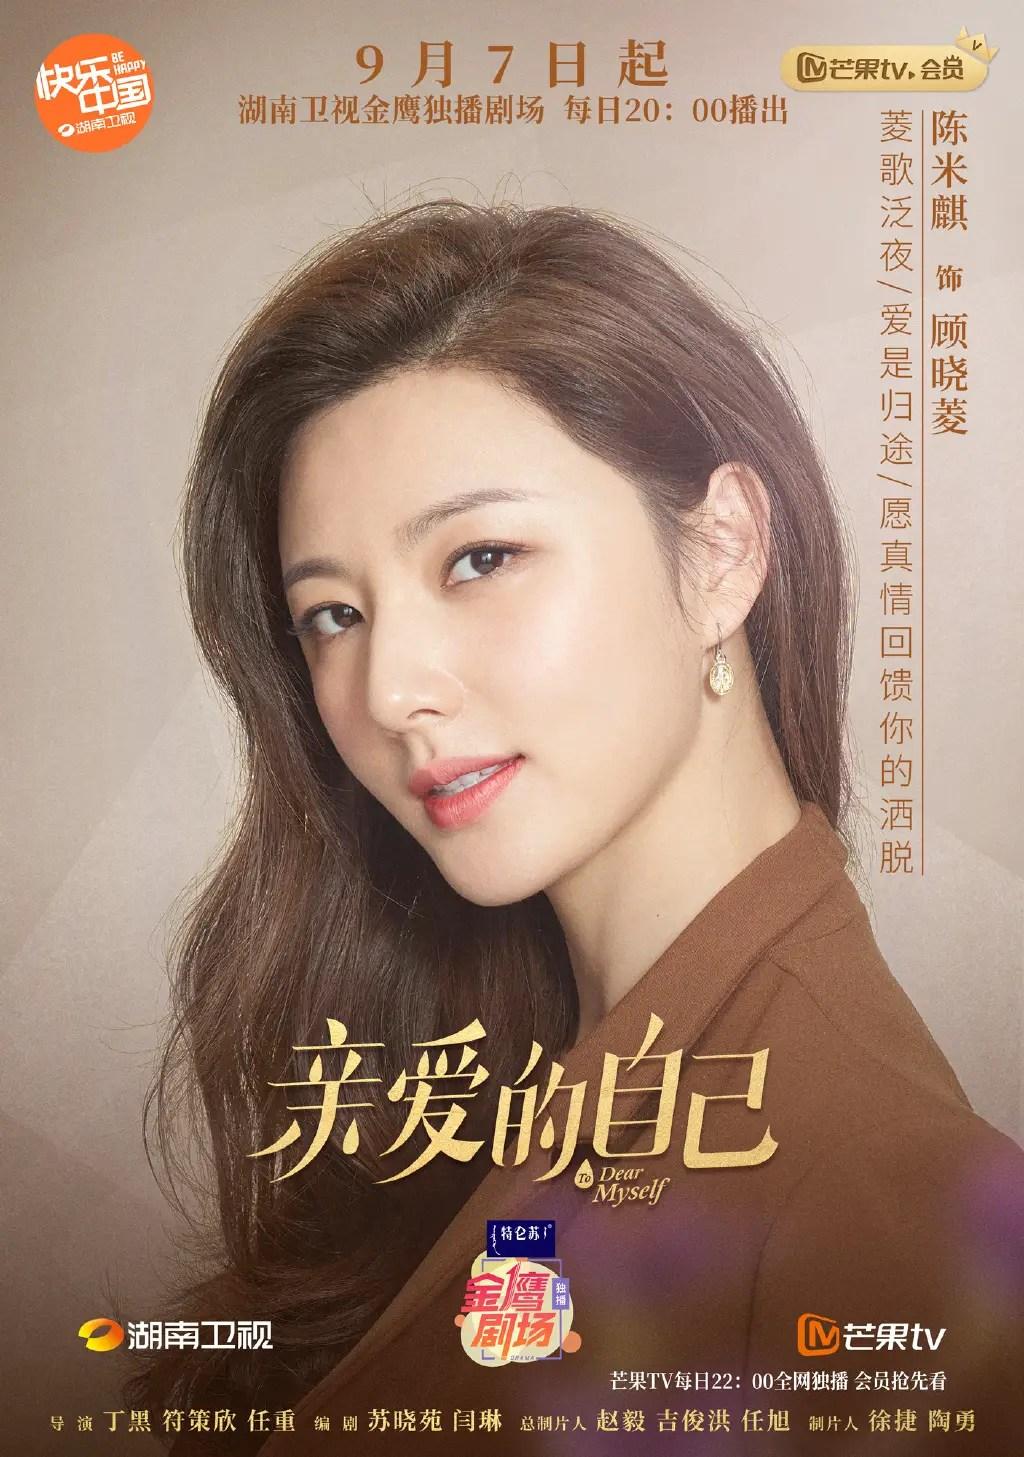 Chen Mi Qi